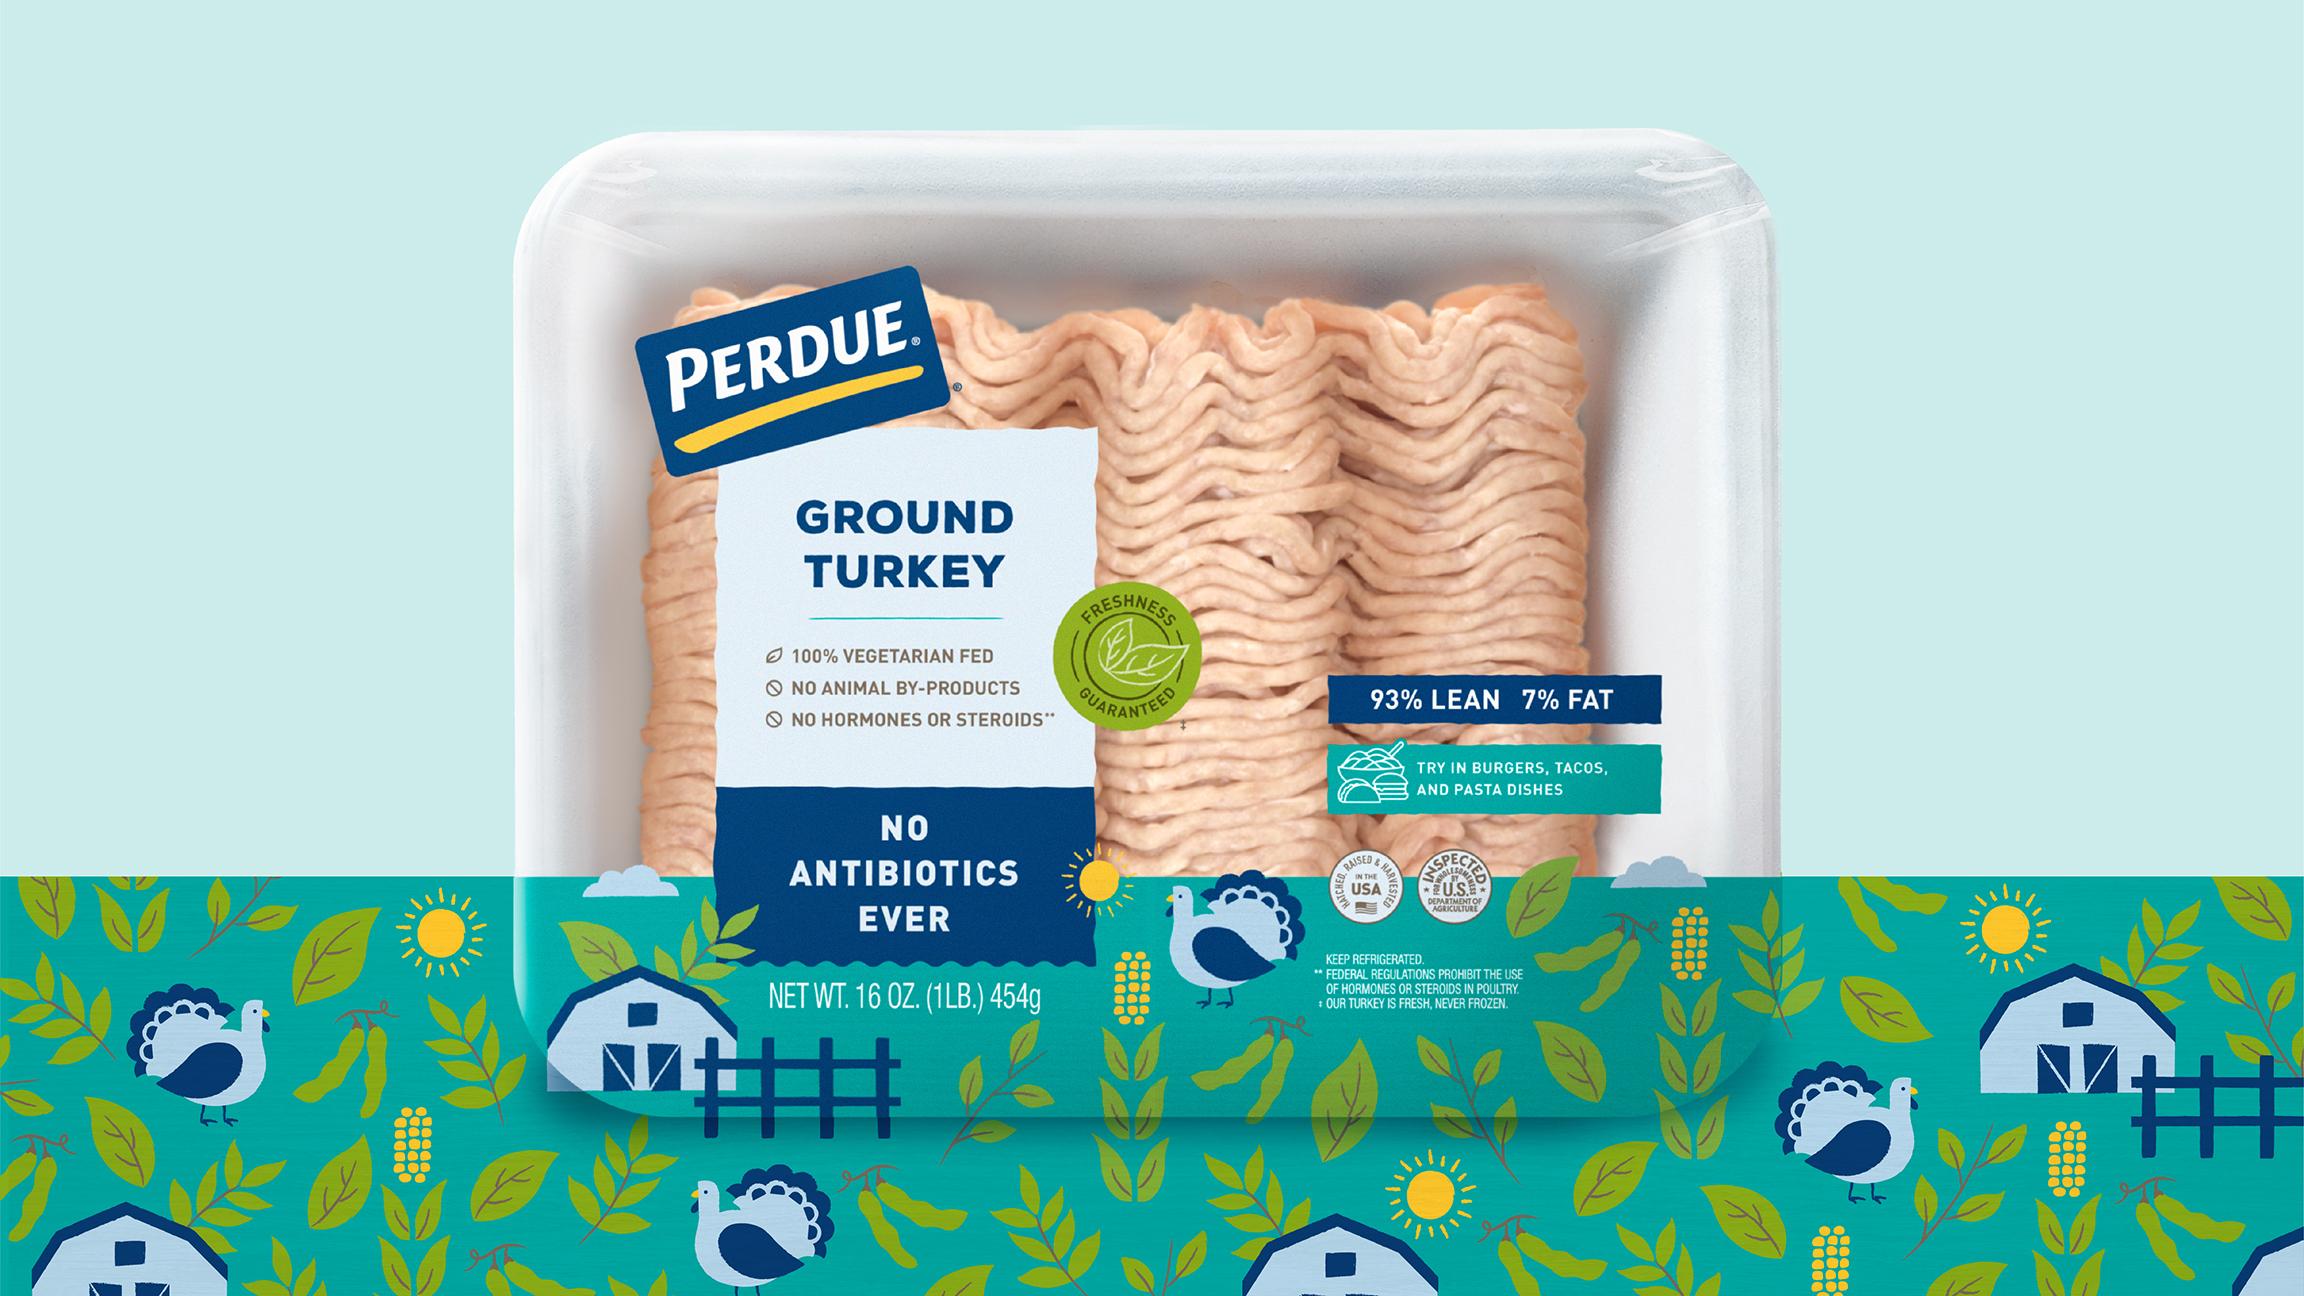 Perdue chicken packaging ground turkey pattern